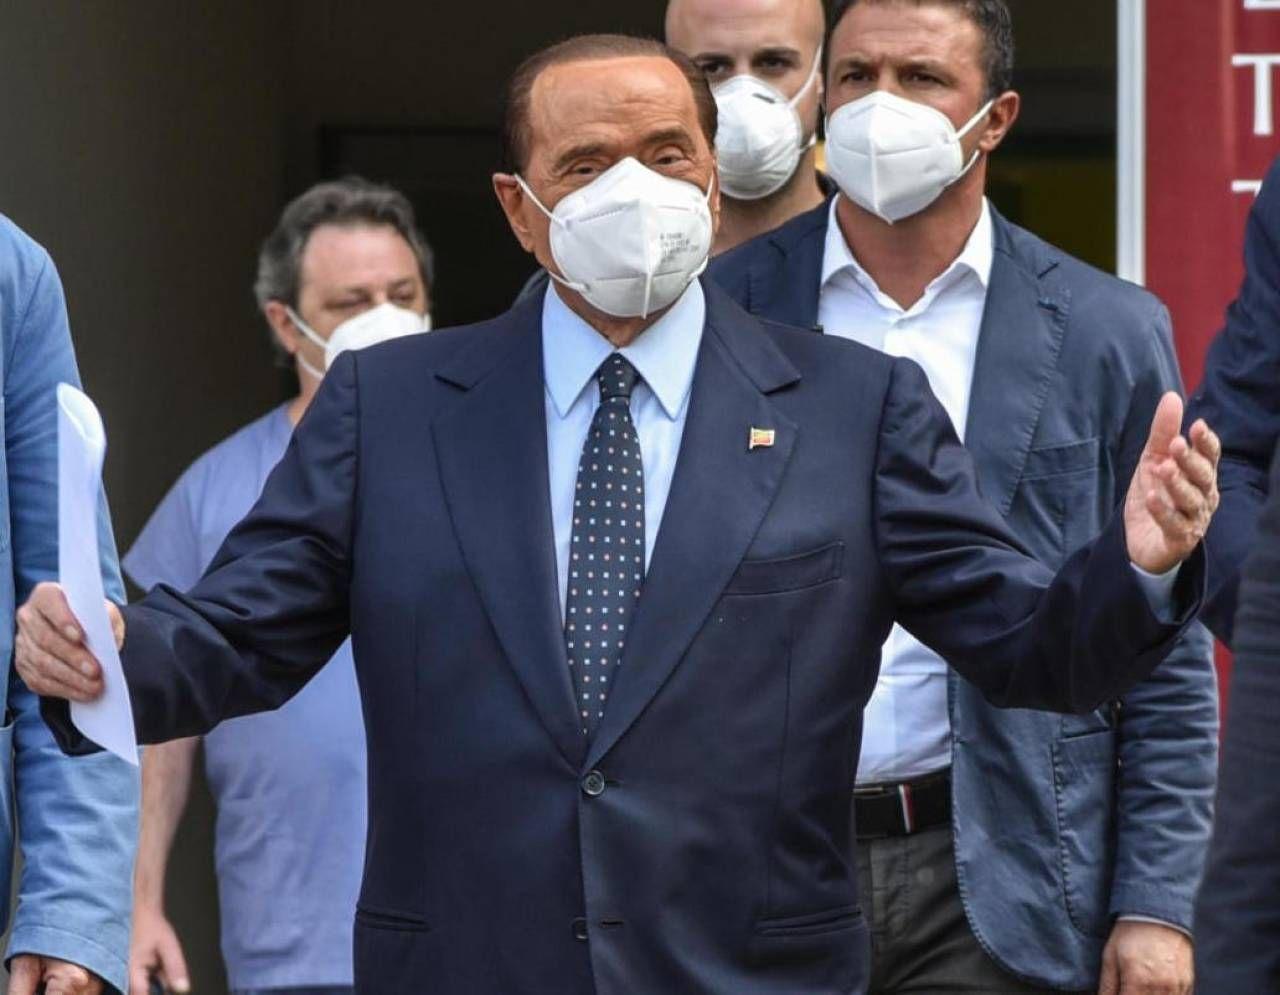 Silvio Berlusconi, 83 anni, ieri è stato dimesso dal San Raffaele. Si è trattata della prima uscita pubblica con la mascherina